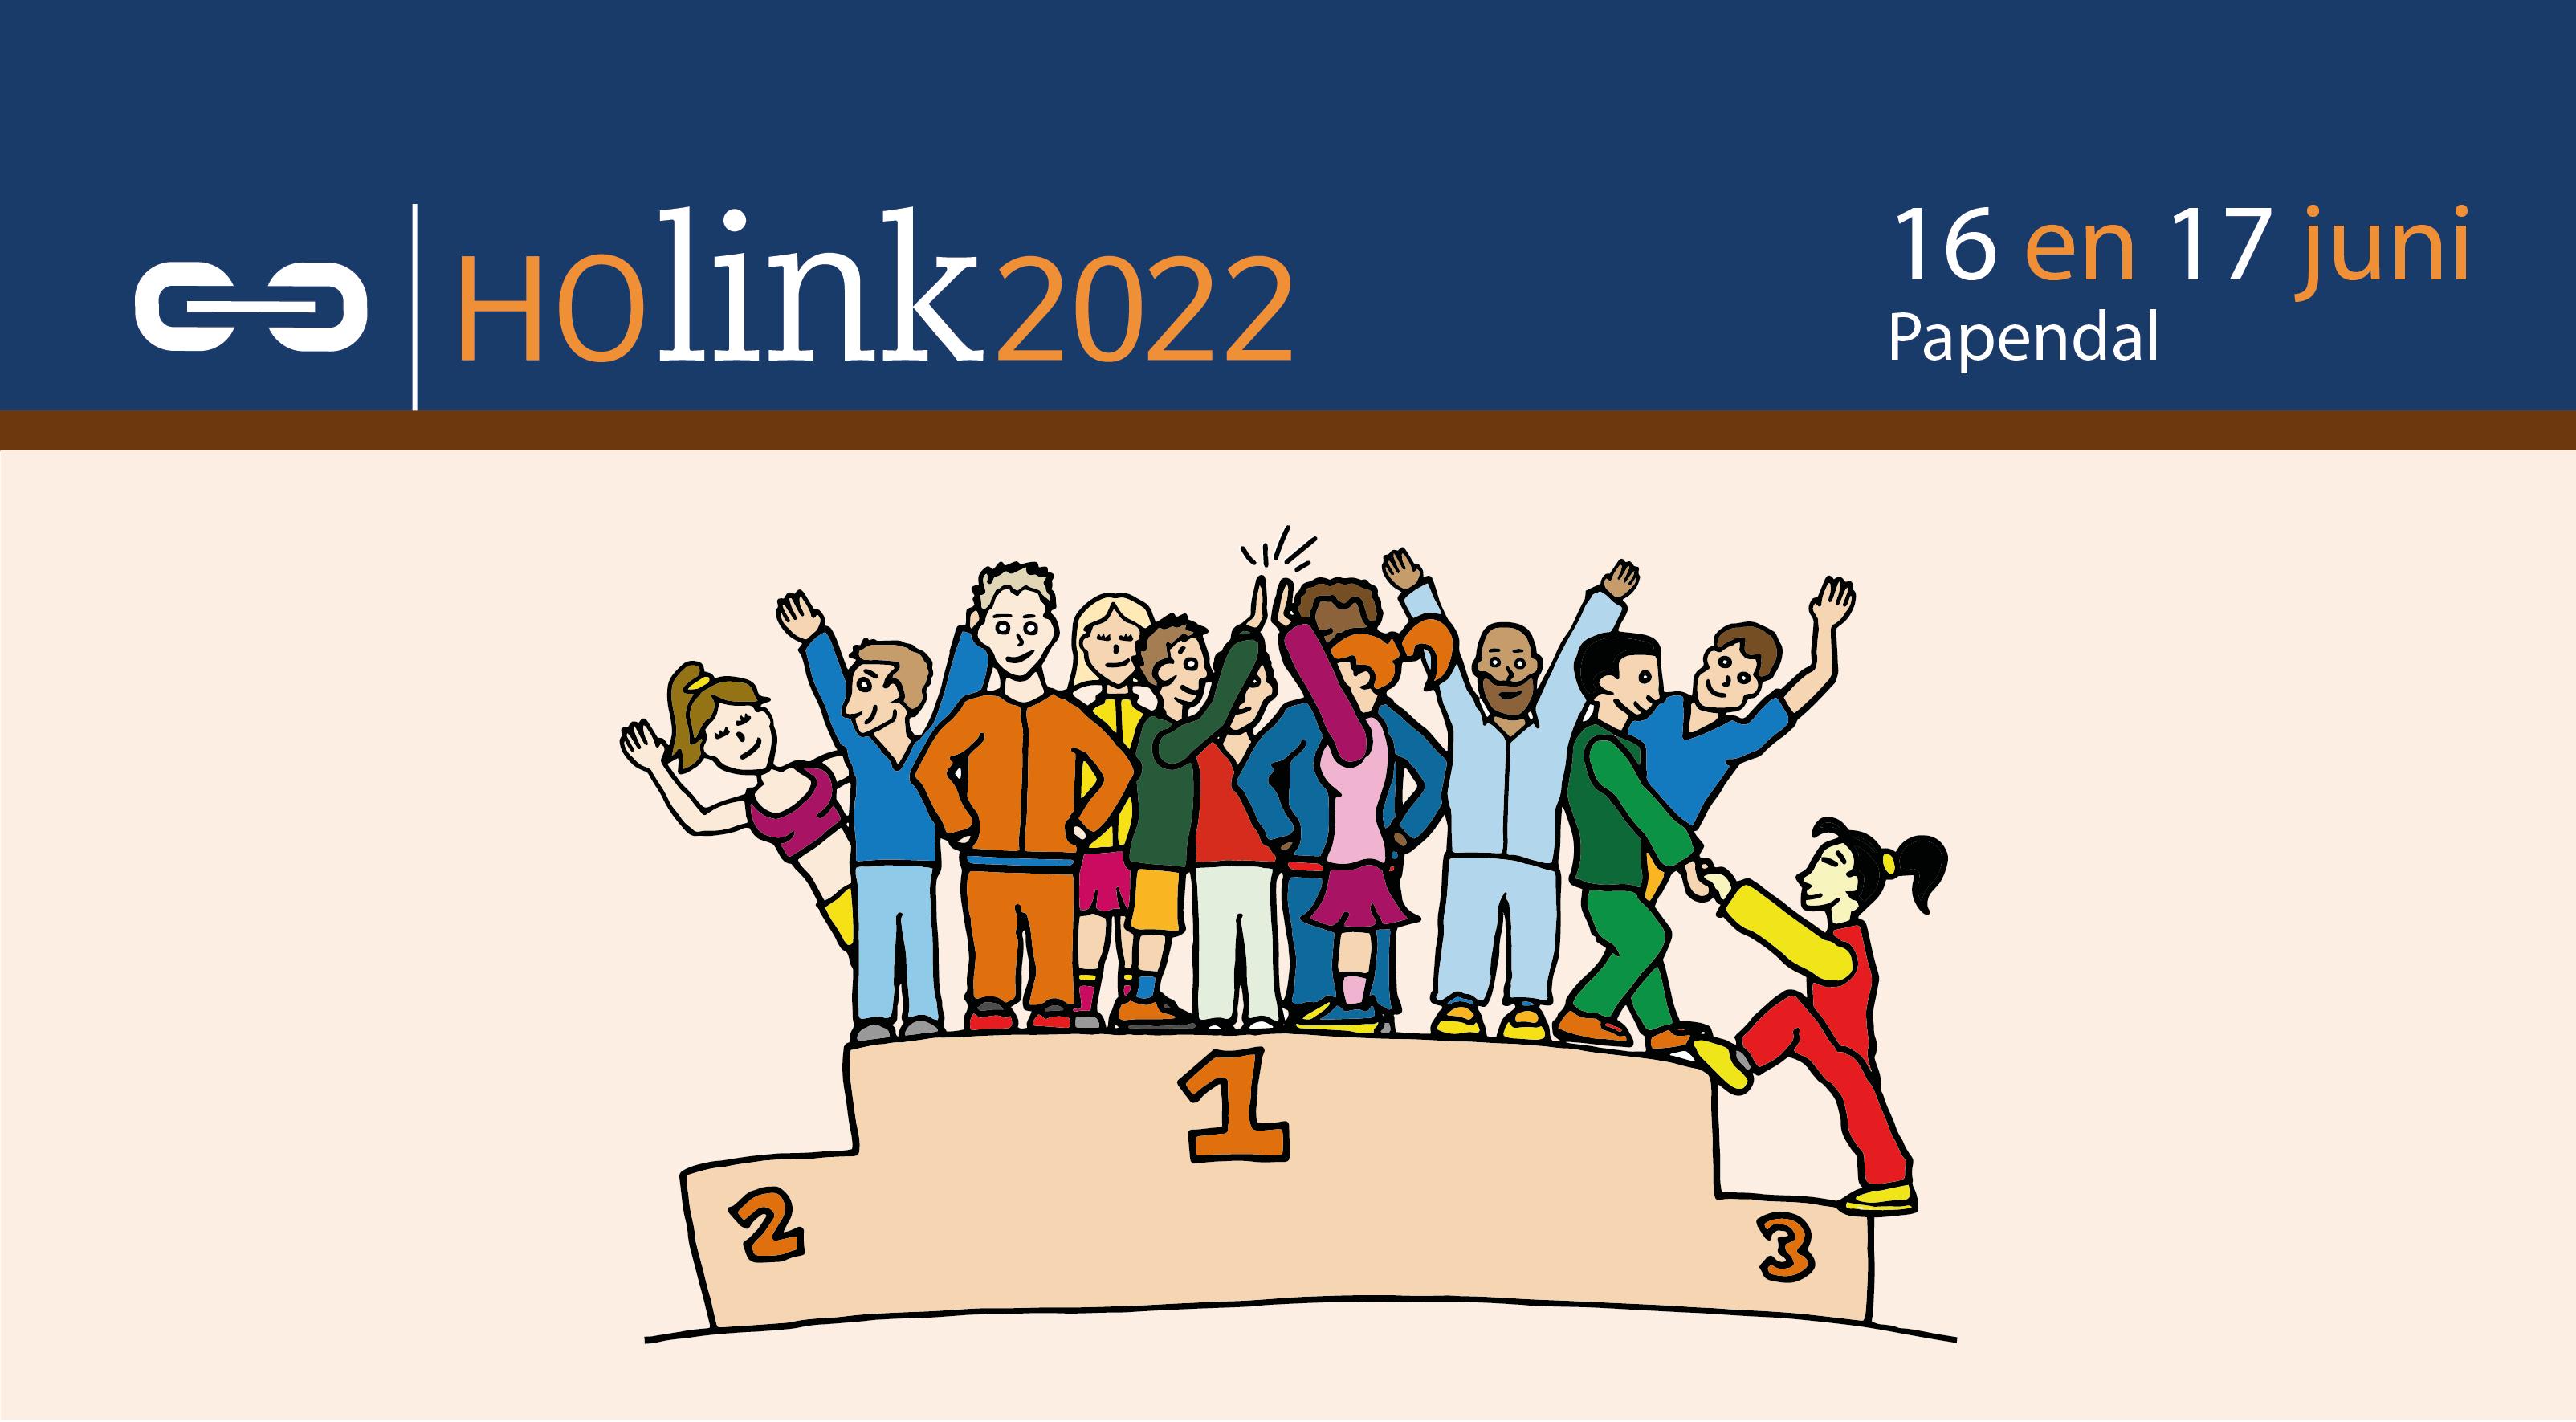 HOlink 2022